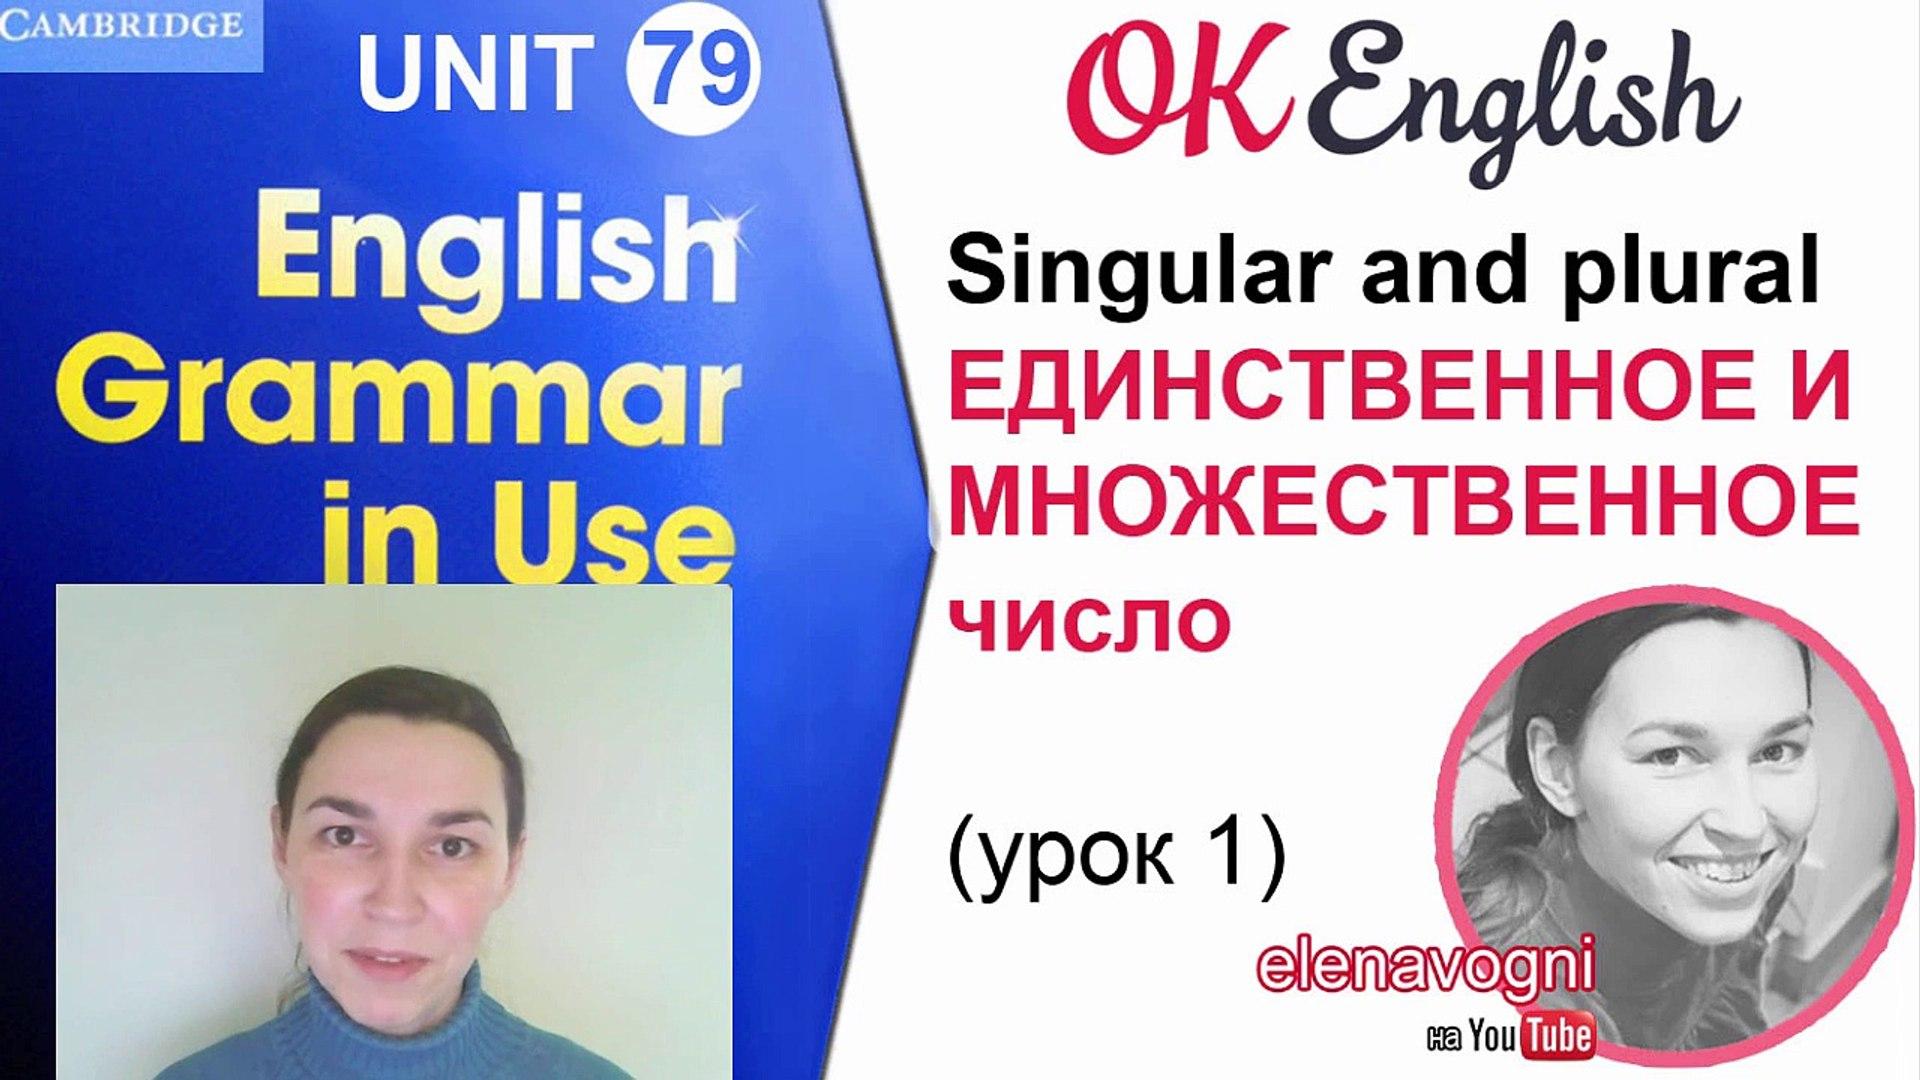 Unit 79 Единственное и множественное число существительных, полный курс английского | OK English